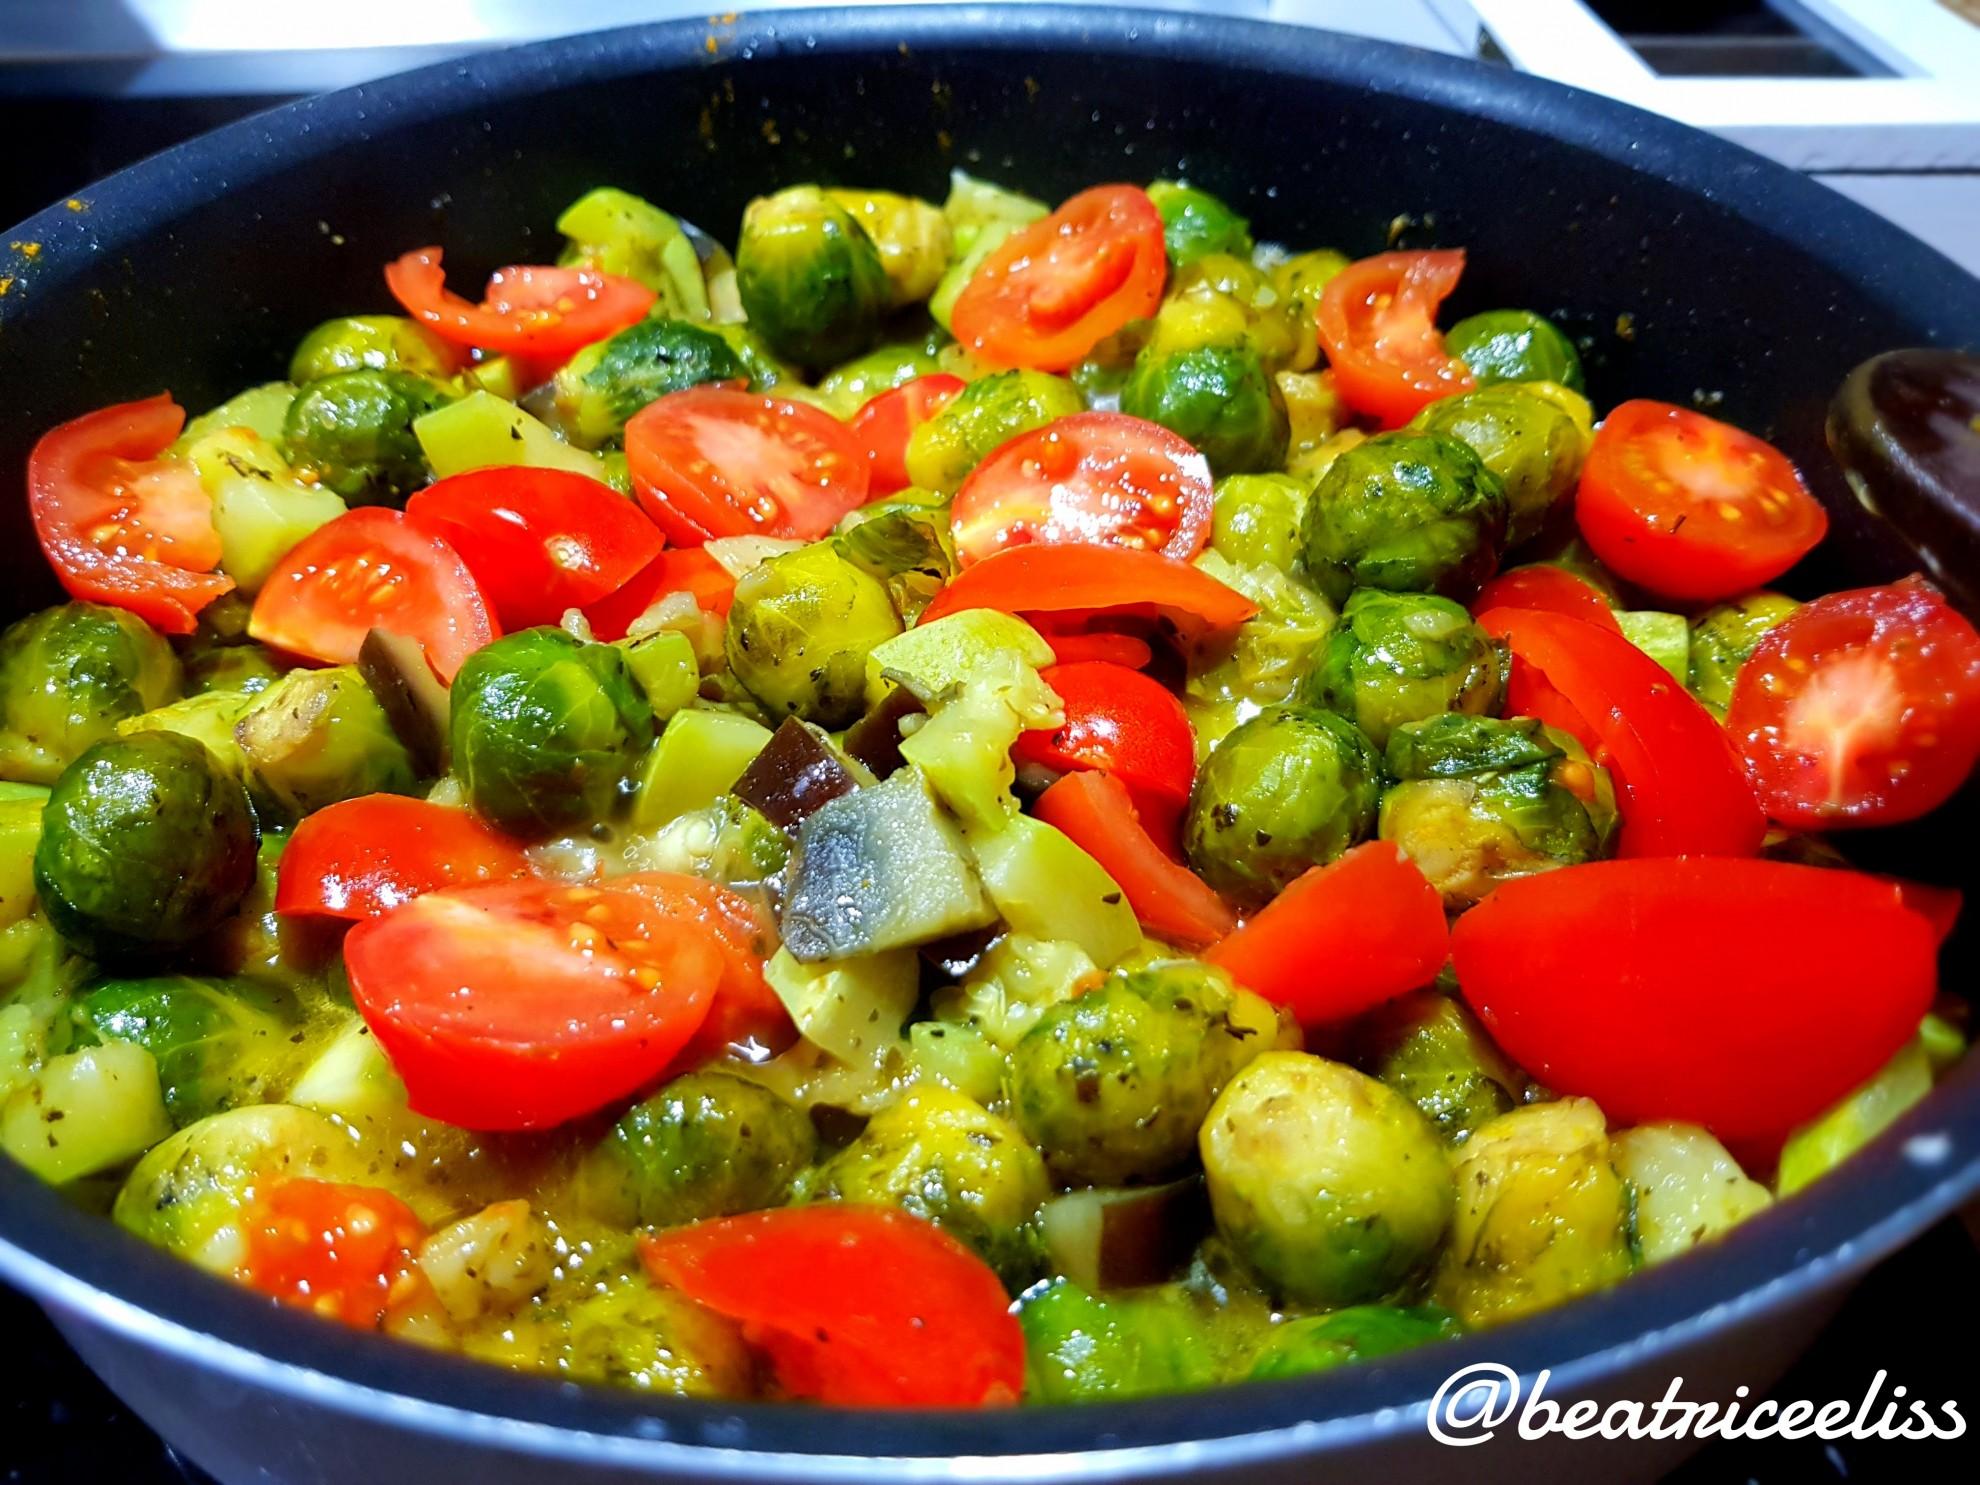 Din Bucătăria Lui Eliss: Mâncare de varză de Bruxelles cu legume